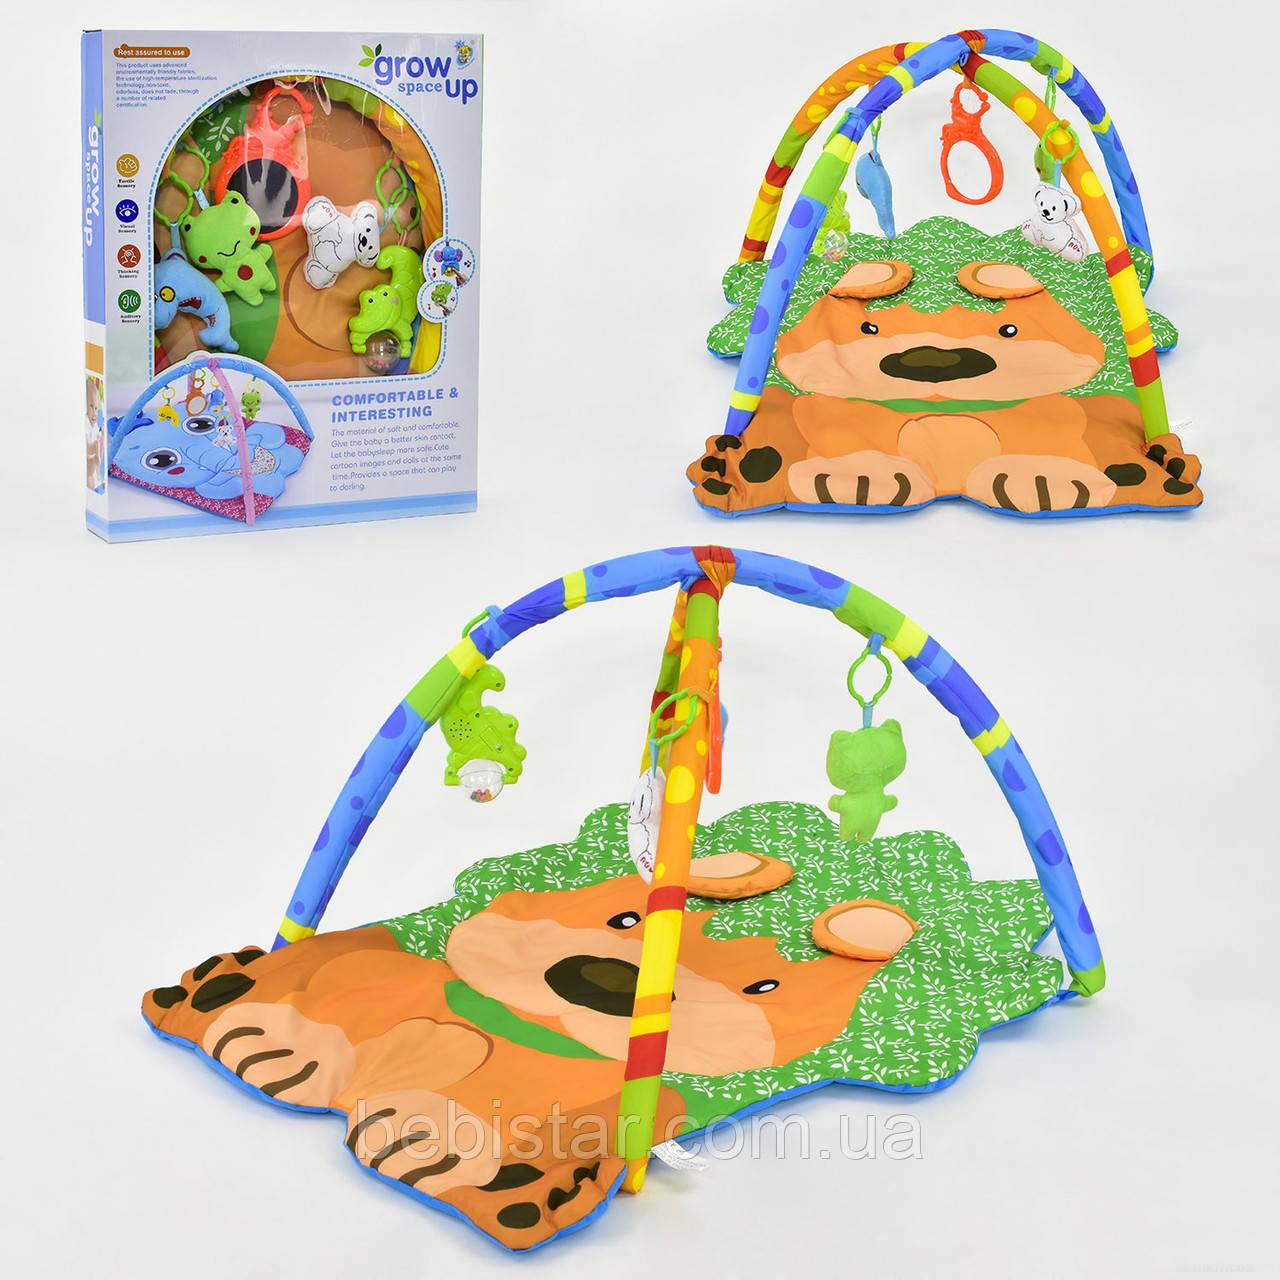 Коврик игровой с мягкой дугой выполнен в форме милой собачки